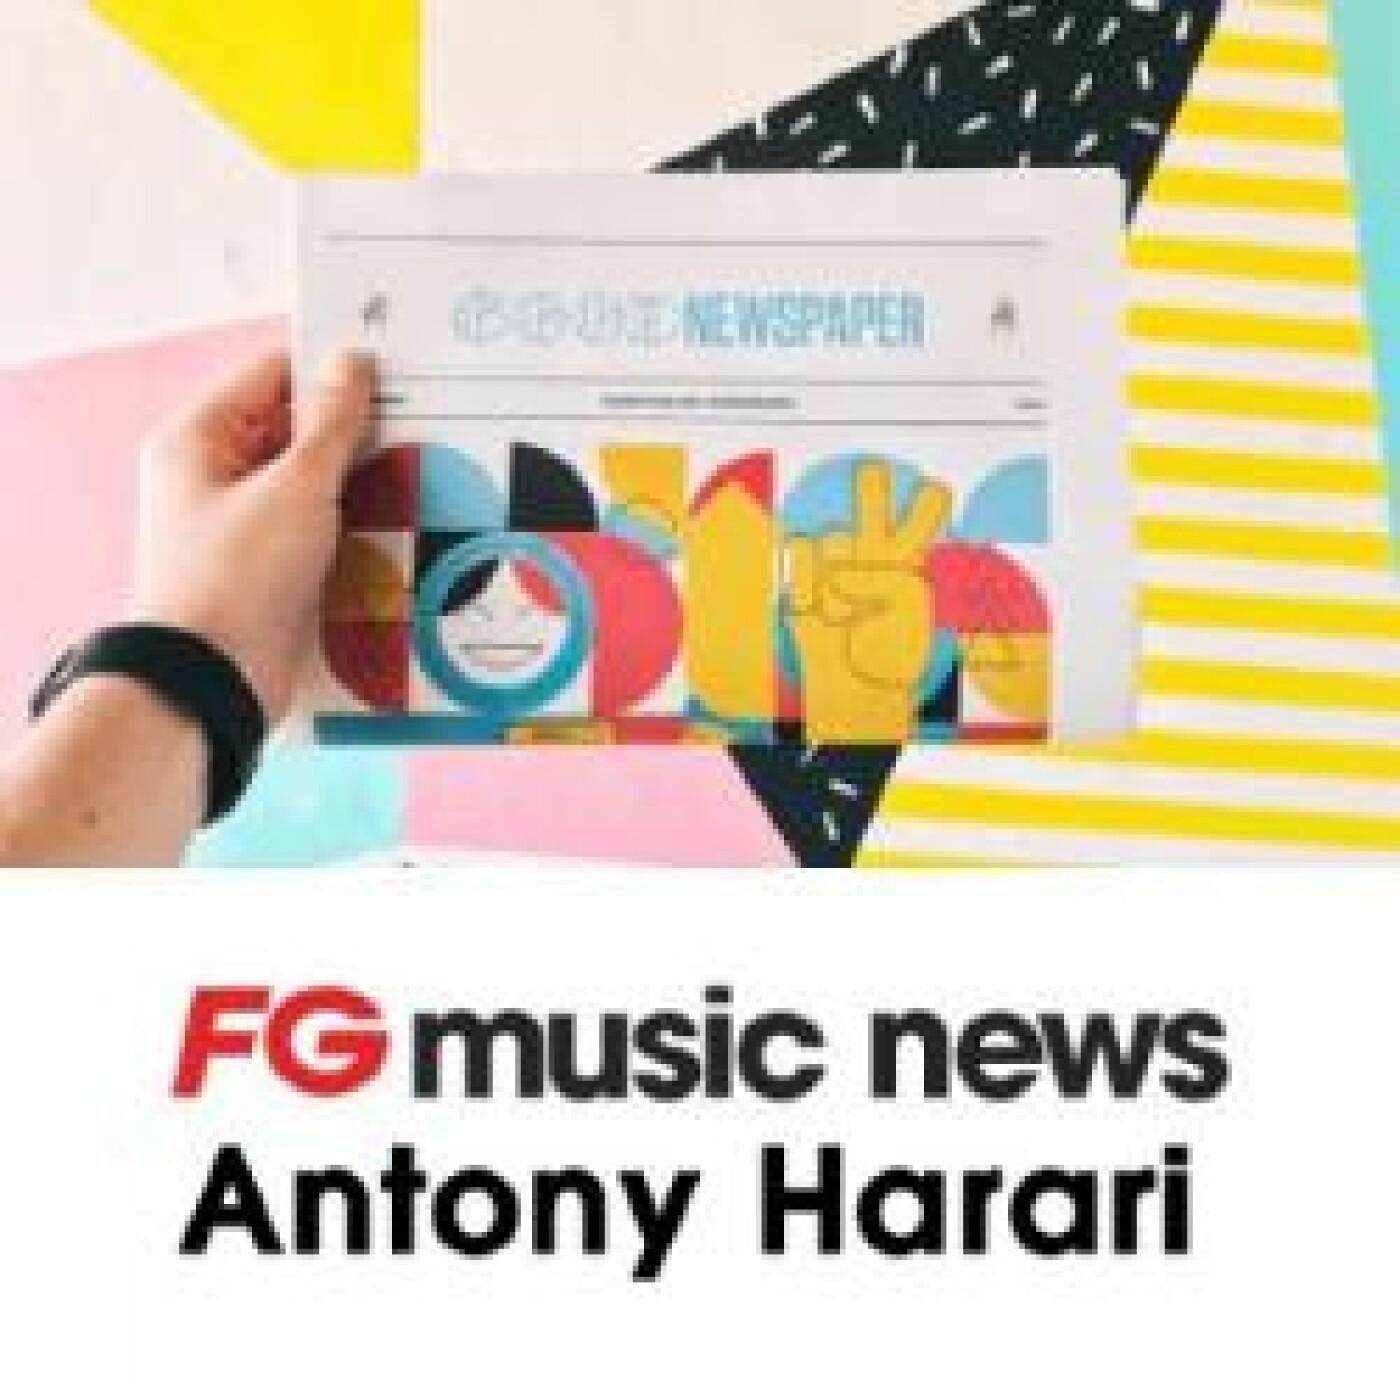 FG MUSIC NEWS : Nouvelle pépite pour Fred Falke avec So Good !